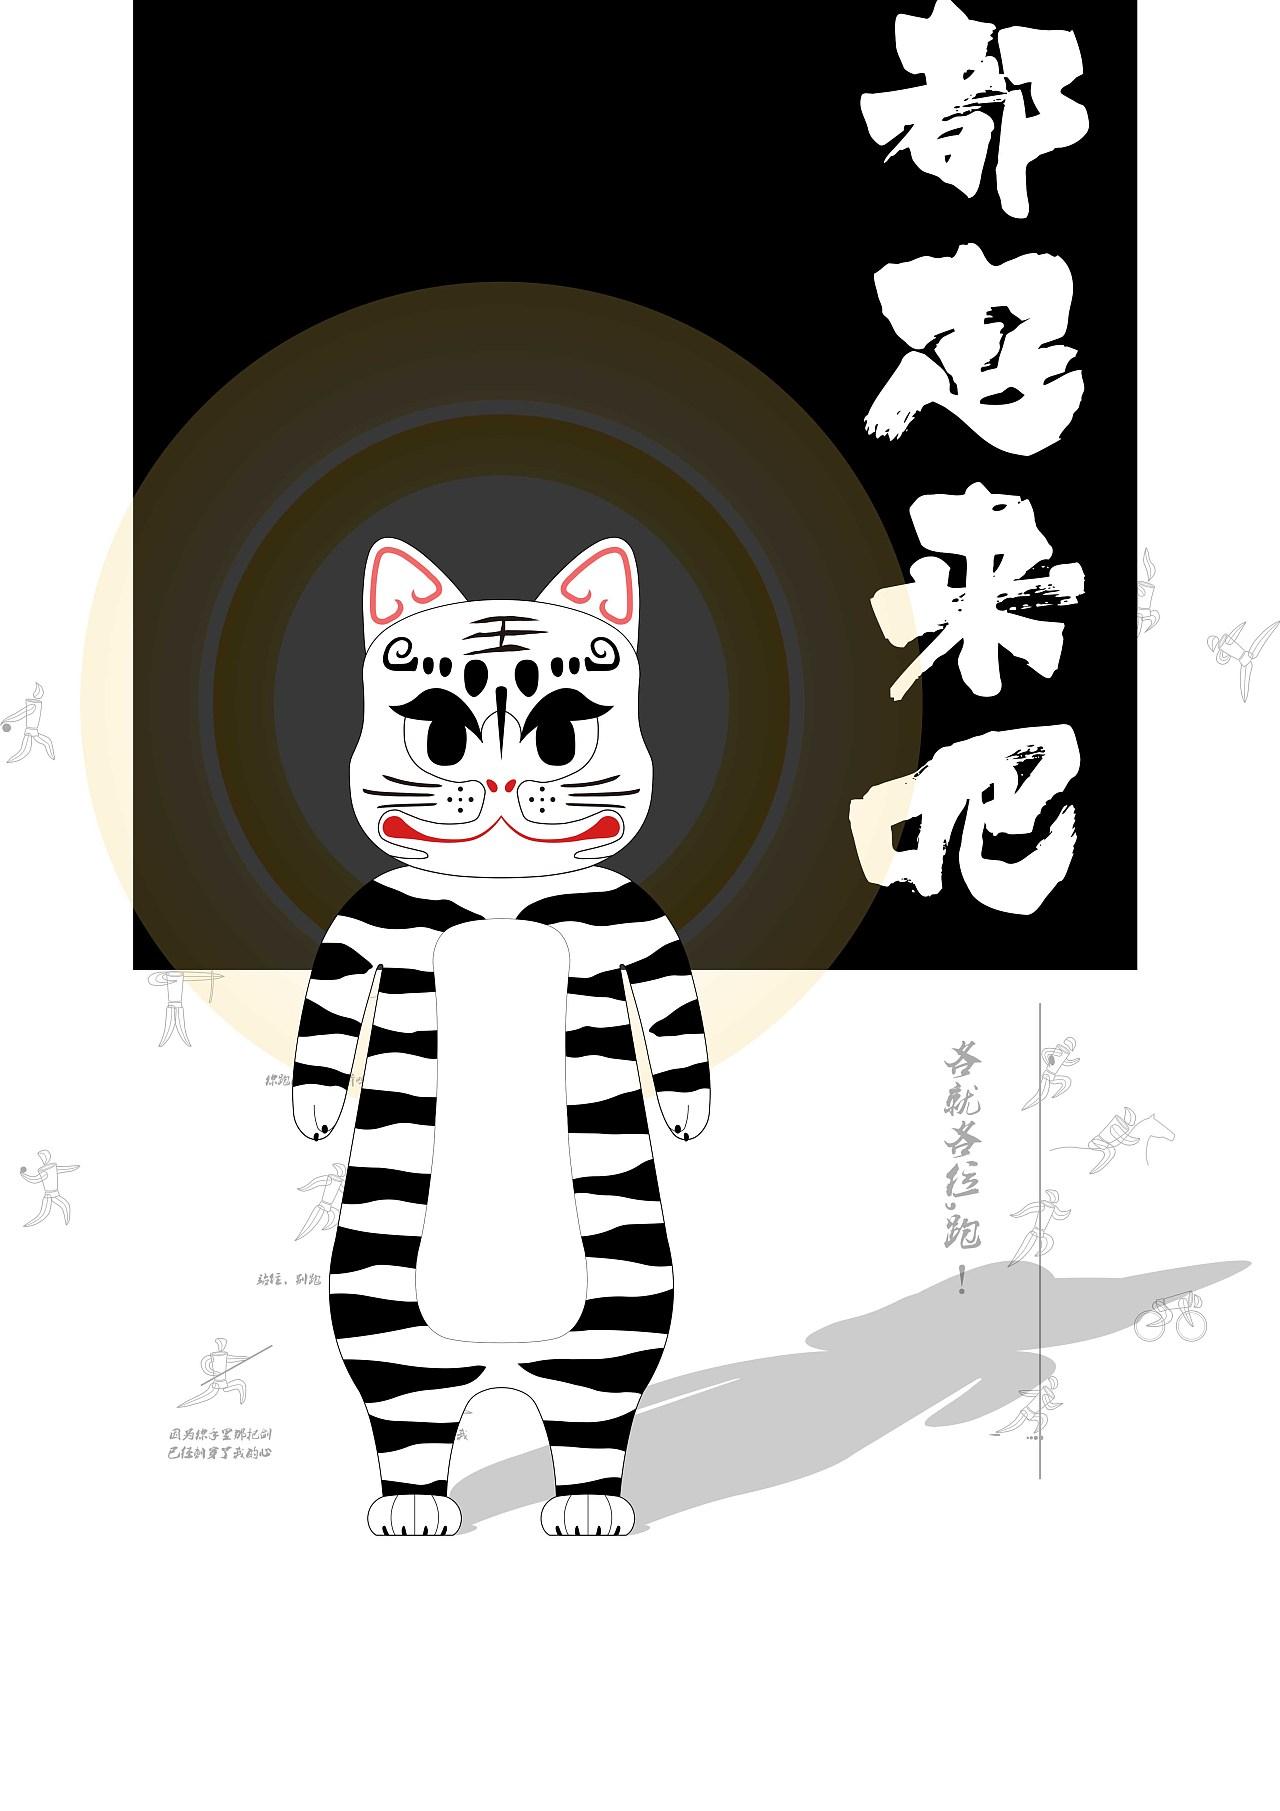 2022北京冬奥会火吉祥物a修改图片